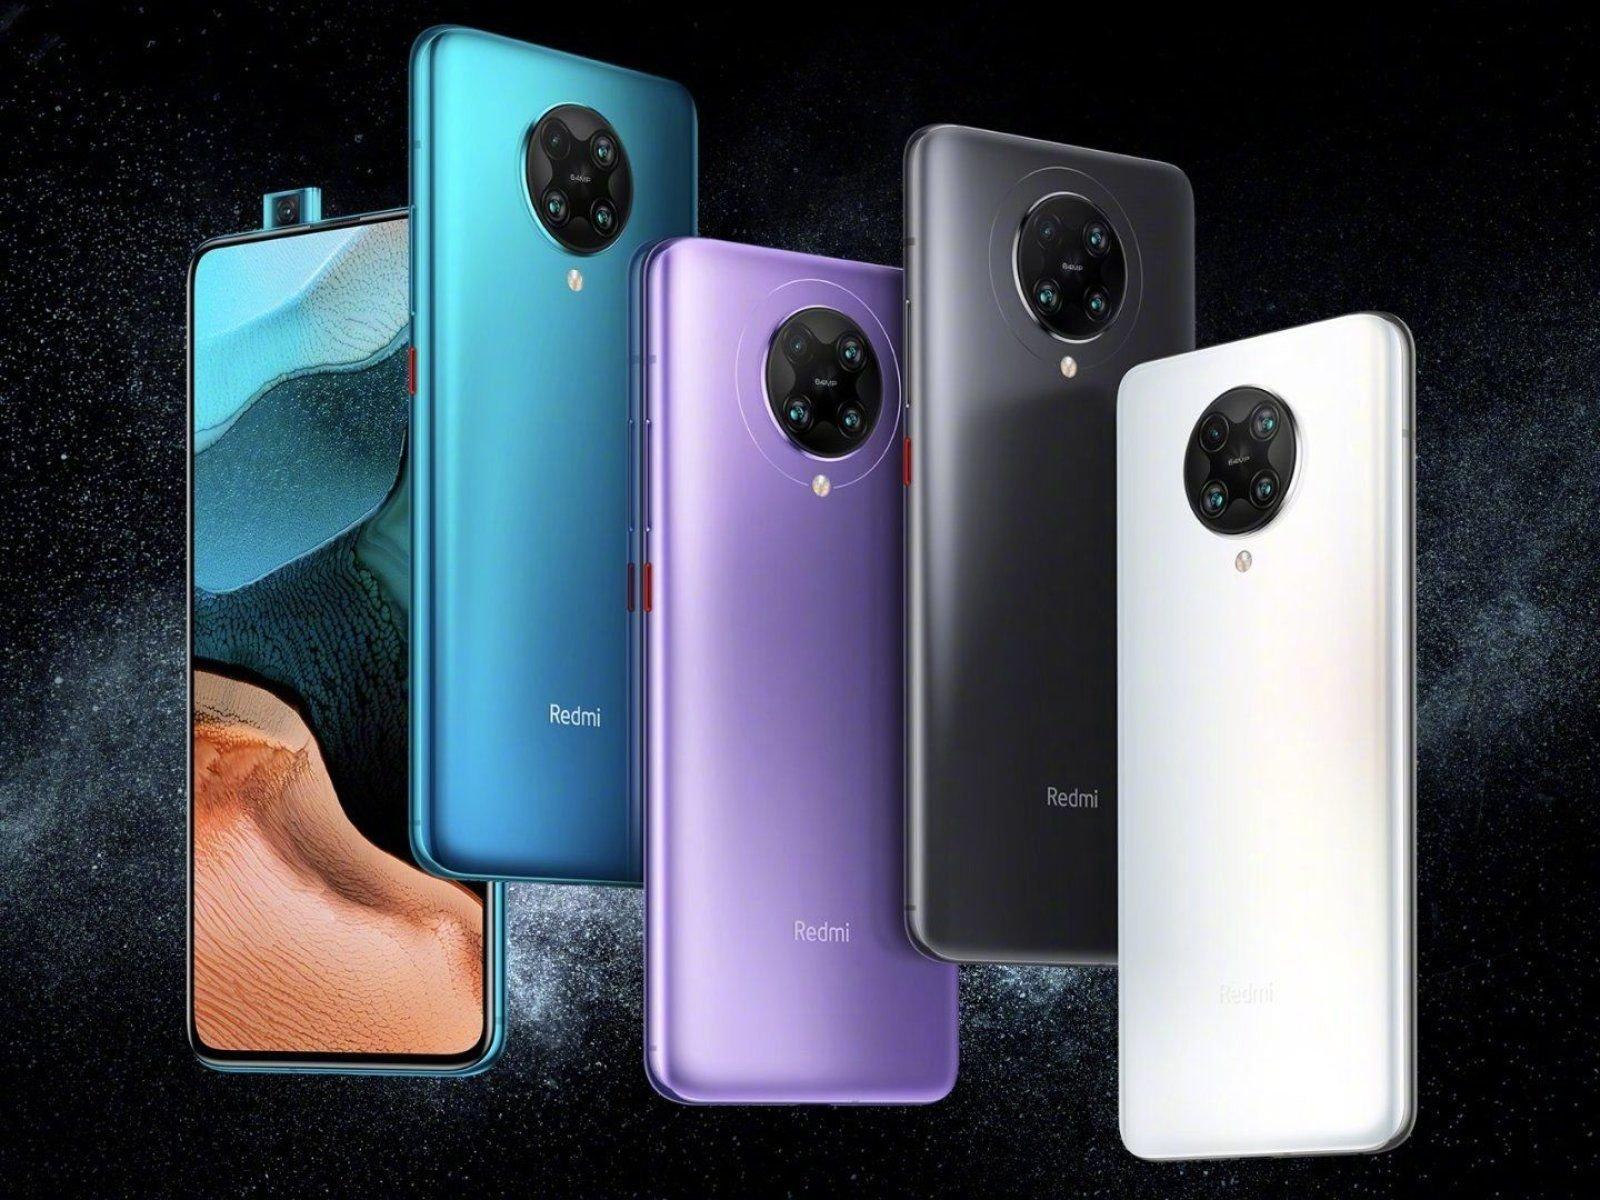 Redmi K30 Pro chính thức được ra mắt: Mẫu smartphone đáng mua nhất hiện nay